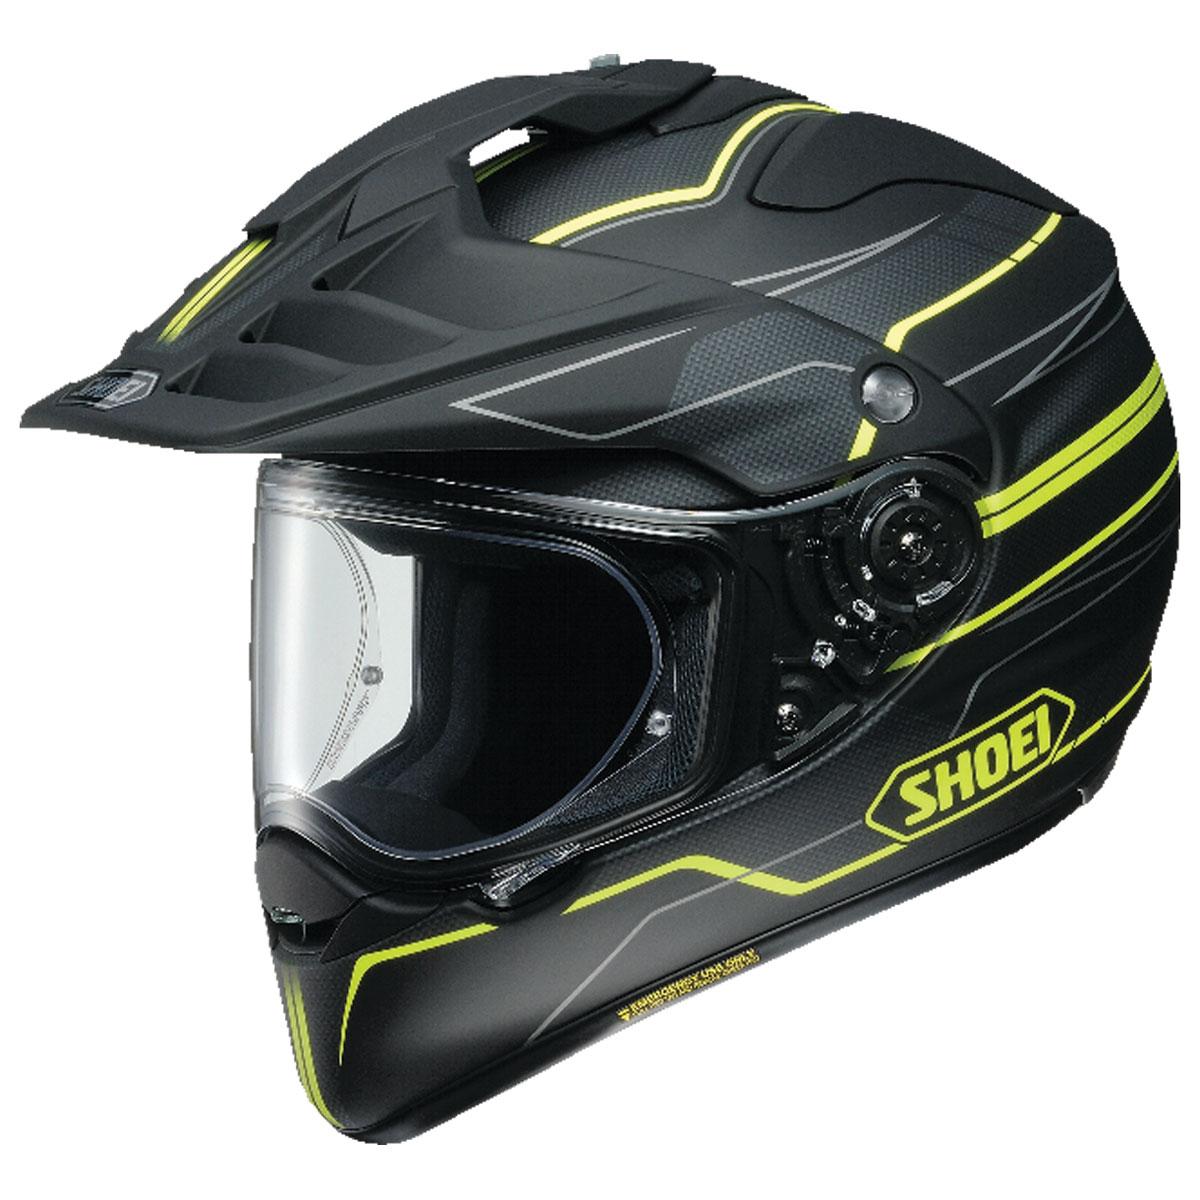 Shoei Hornet X2 Navigate Matte Black/Yellow Dual Sport Helmet